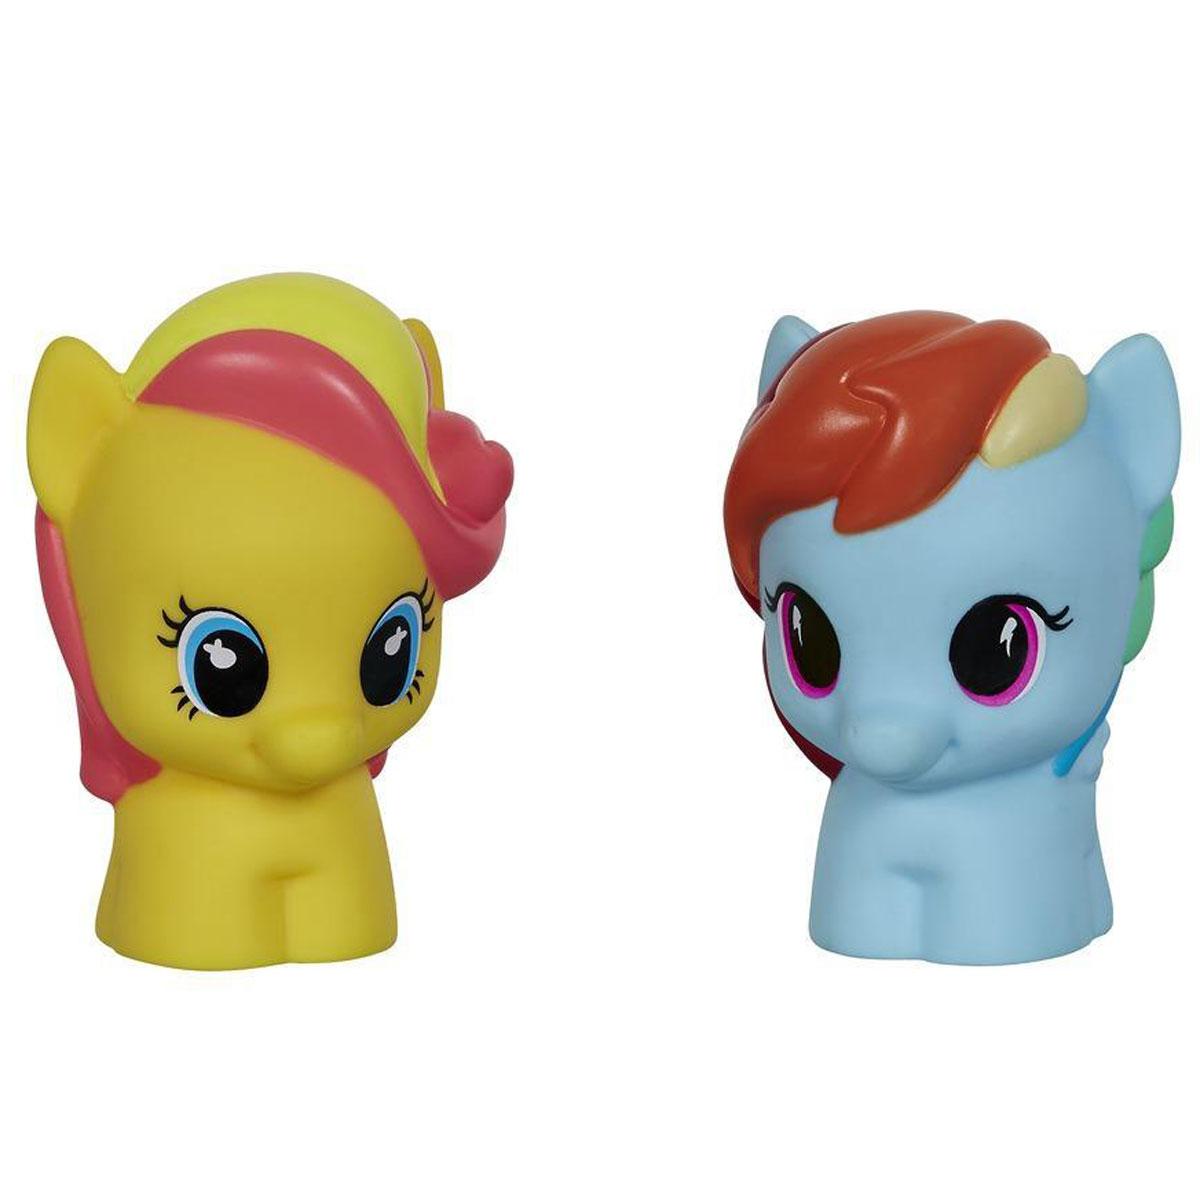 Playskool Набор фигурок My Little Pony: Rainbow Dash & BumblesweetB1910EU4_B2599Набор фигурок Playskool My Little Pony: Rainbow Dash & Bumblesweet станет отличным подарком юным поклонницам мира My Little Pony. Созданные специально для маленьких детских рук, эти очаровательные пони, несомненно, приведут в восторг ребенка. Красочные пони готовы к новым приключениям! В этот набор вошли фигурки пони-пегаса Rainbow Dash и пони Bumblesweet. Совместимо с другими игровыми наборами Playskool из серии My Little Pony.